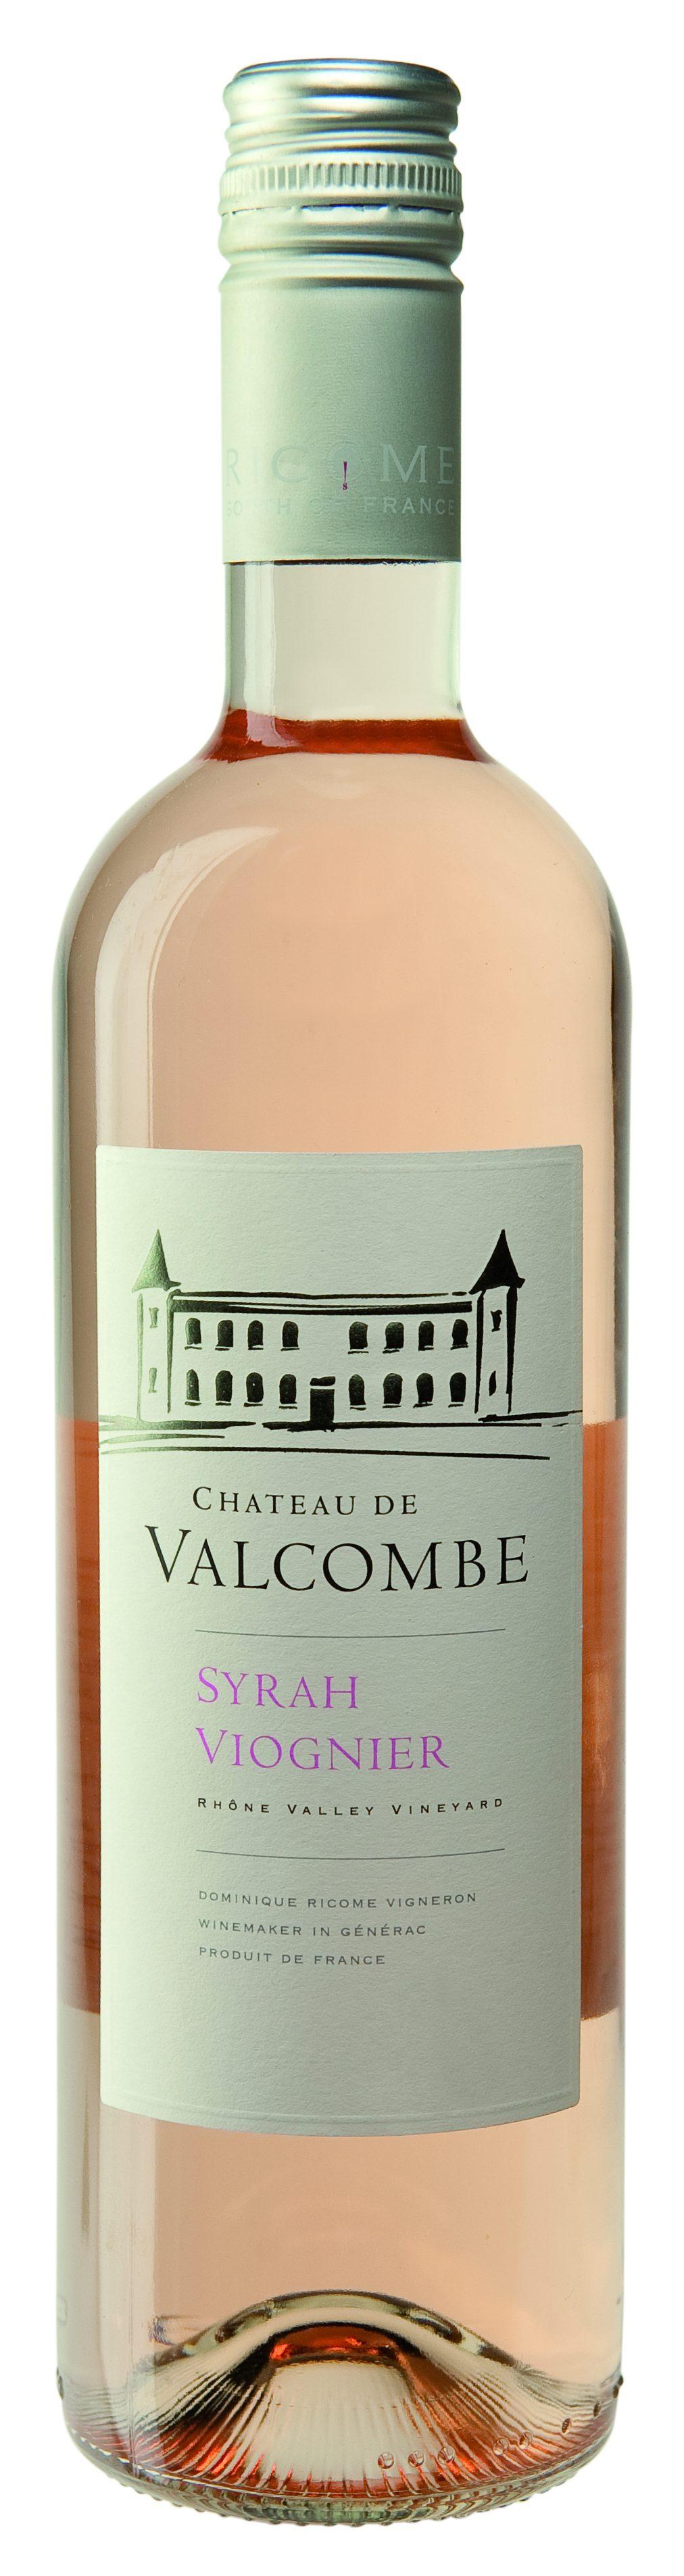 Château de Valcombe Syrah/Viognier